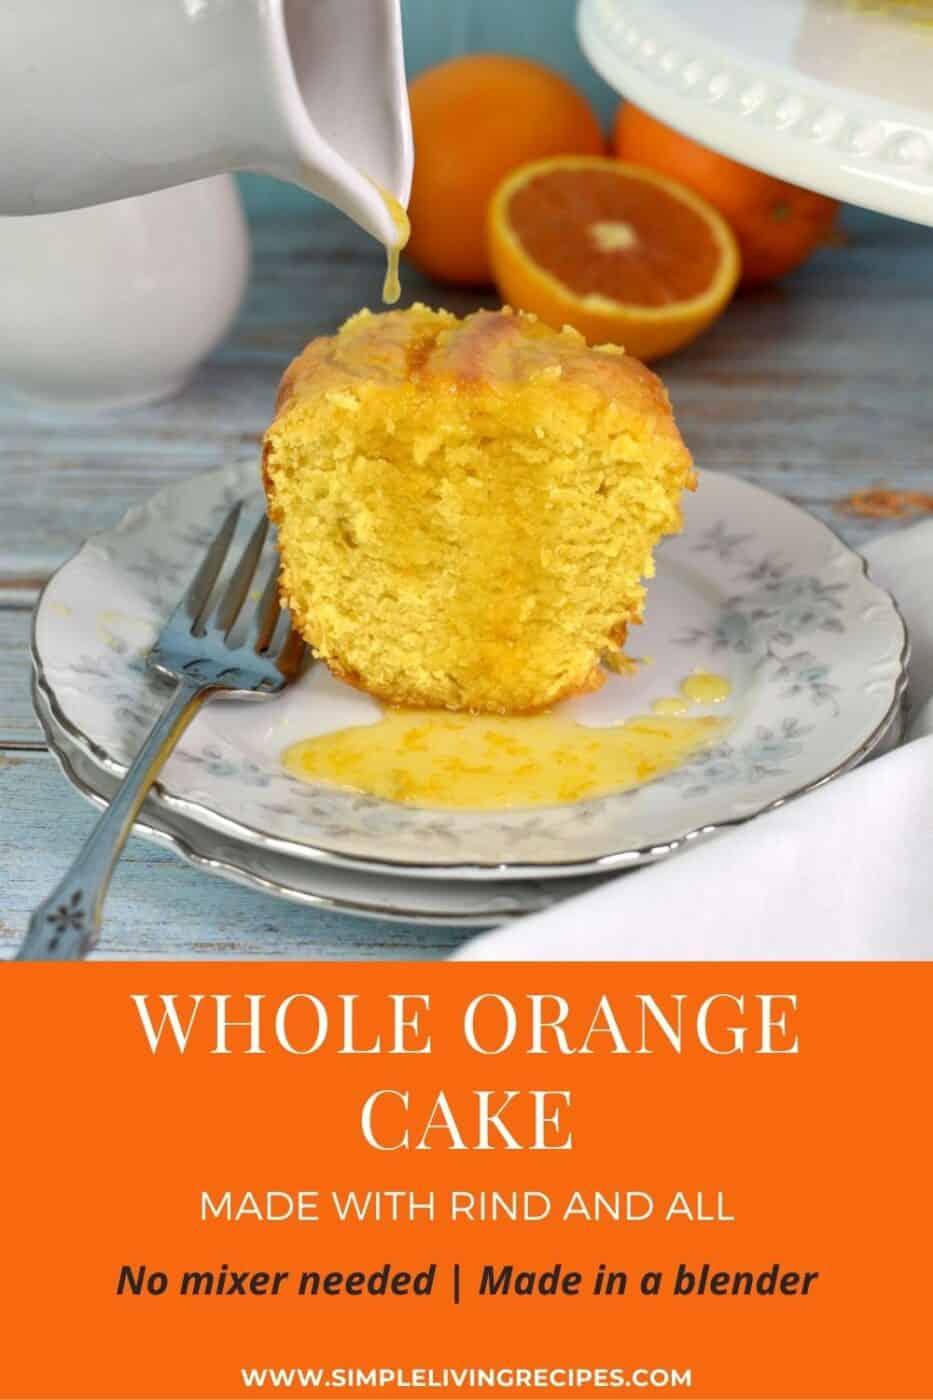 Whole orange cake Pinterest Pin showing orange glaze being poured on orange cake slice